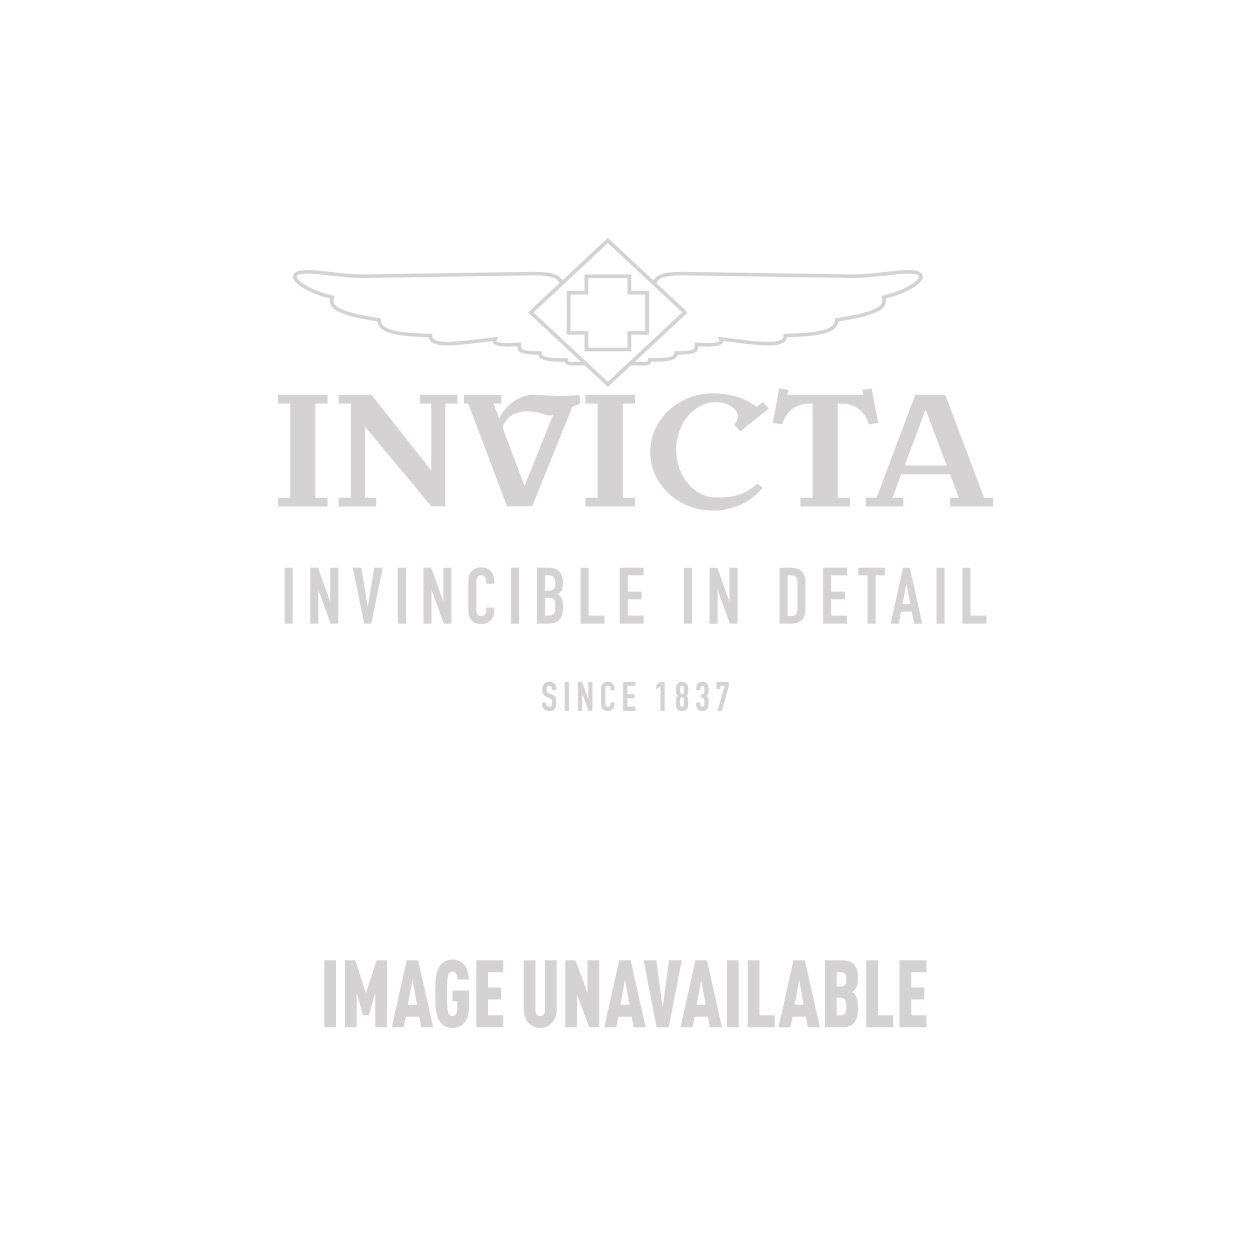 Invicta Model 28385